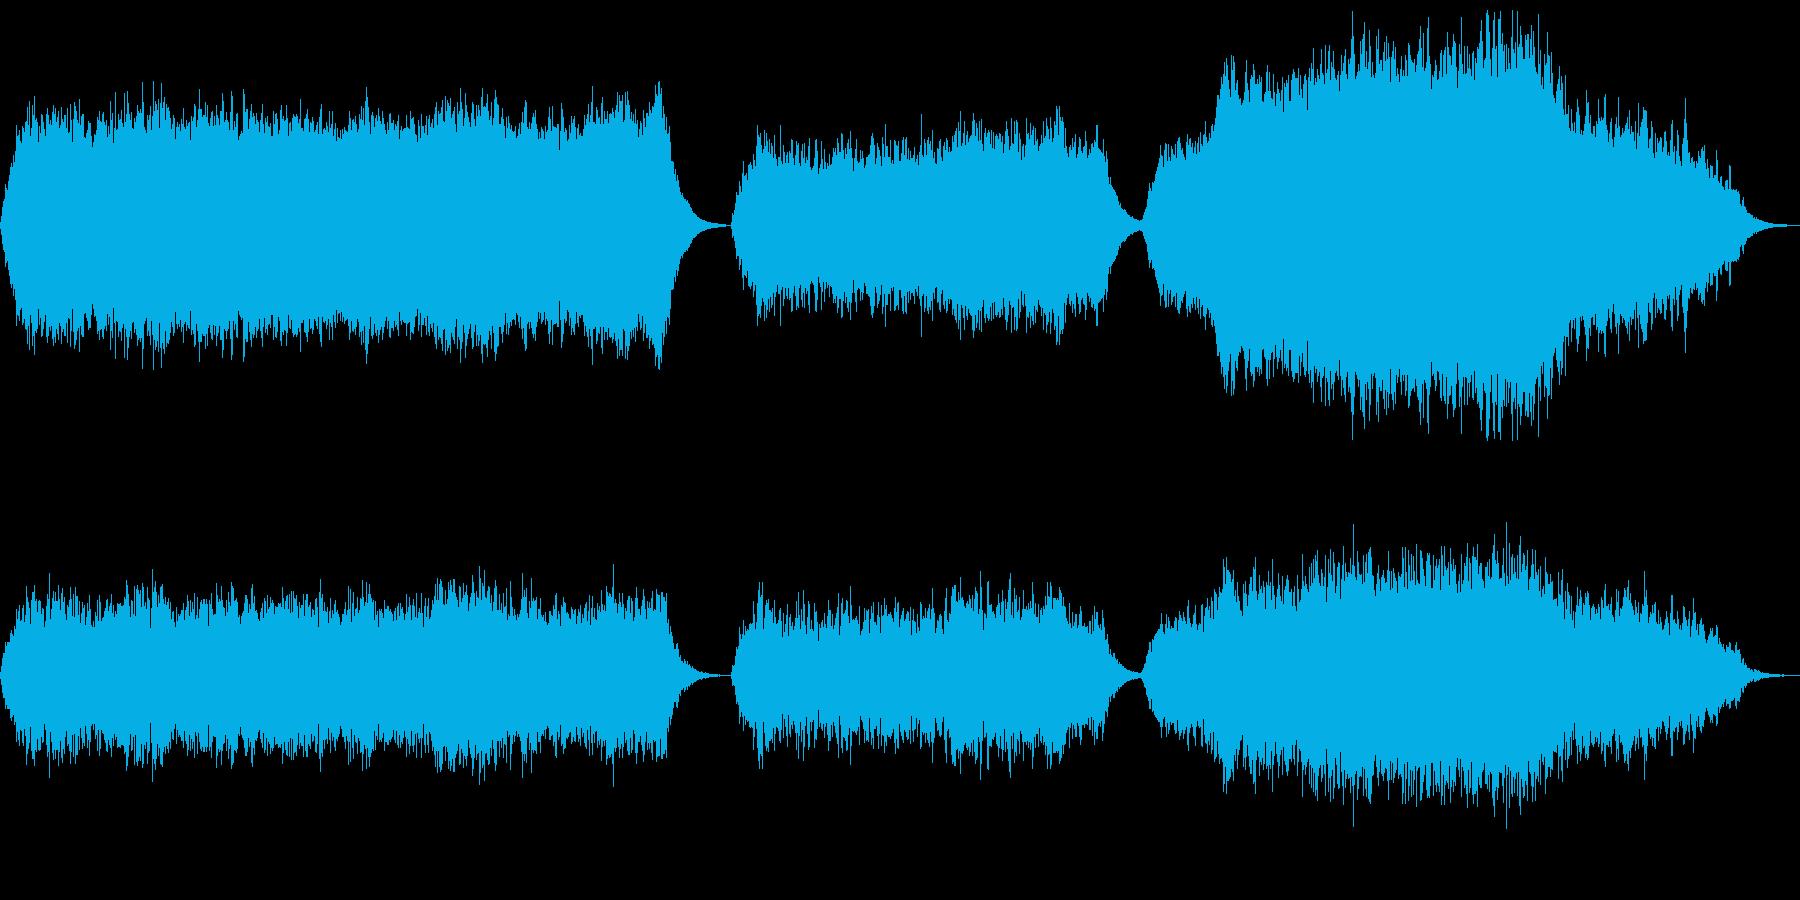 シンセパッドによる音響素材の再生済みの波形